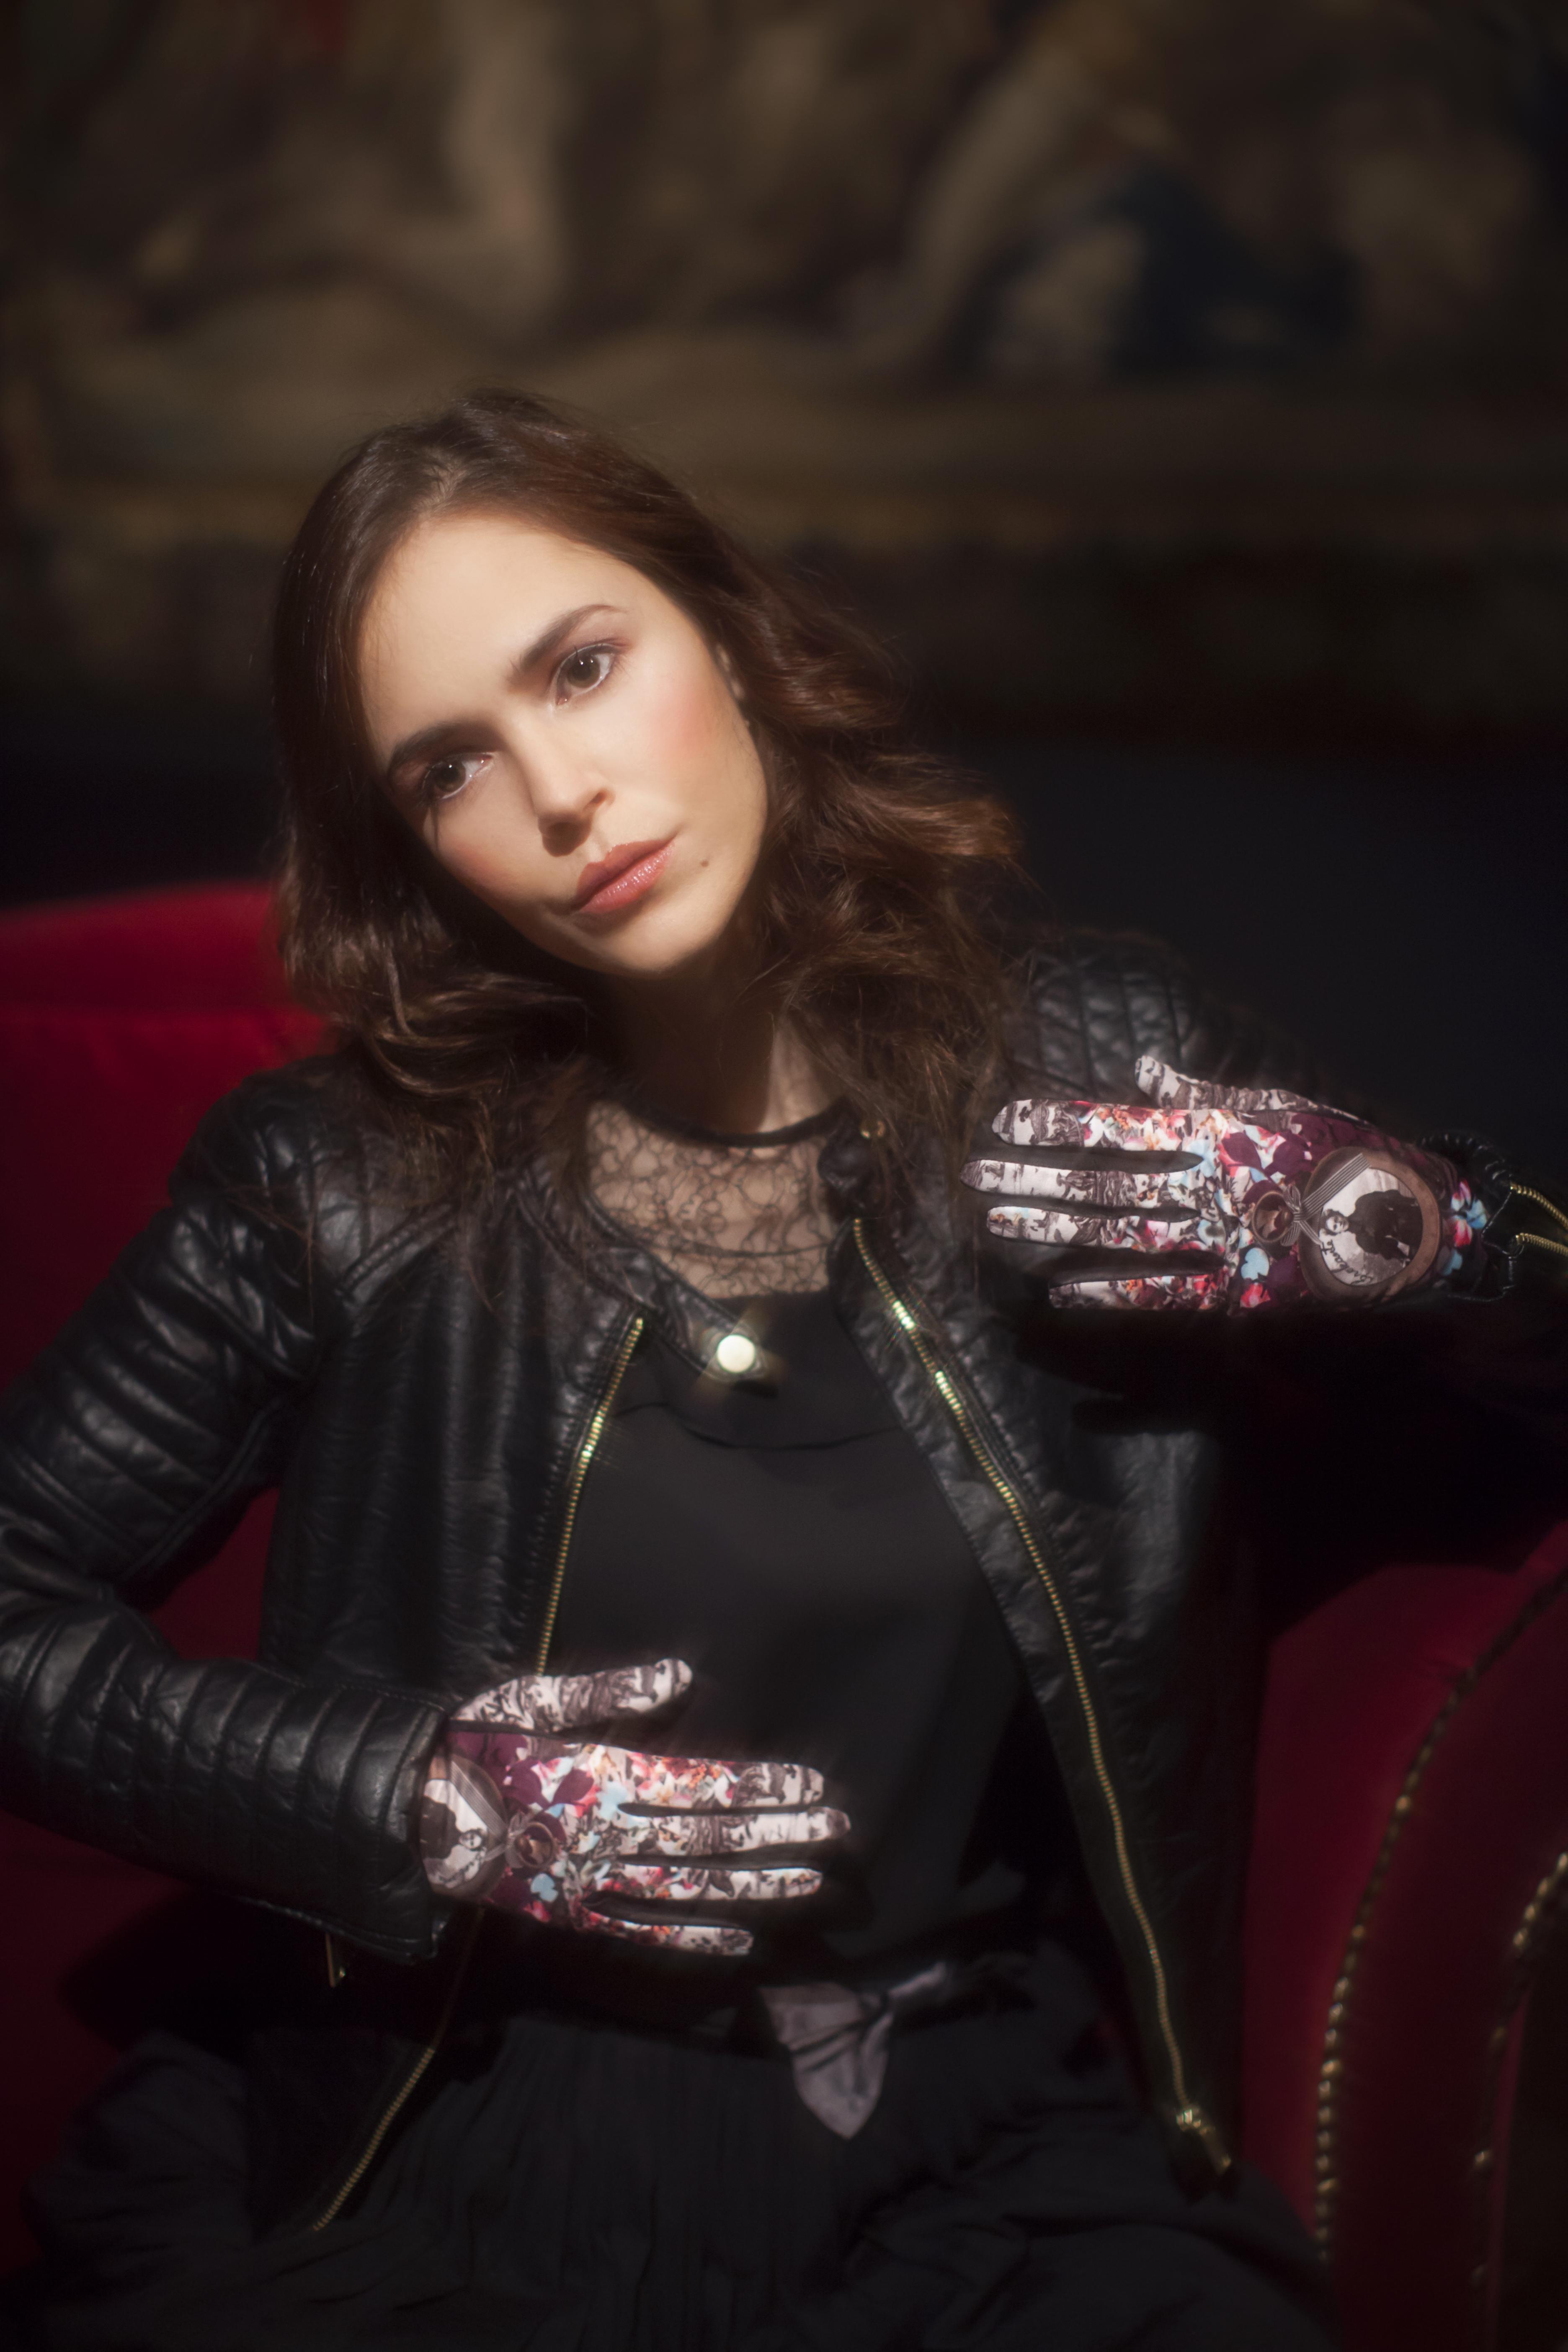 gants femme cuir et maille imprimée. Modèle de gants Paul